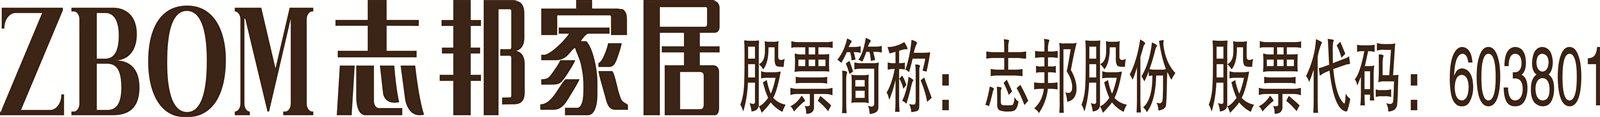 邛崃市志邦厨柜专卖店